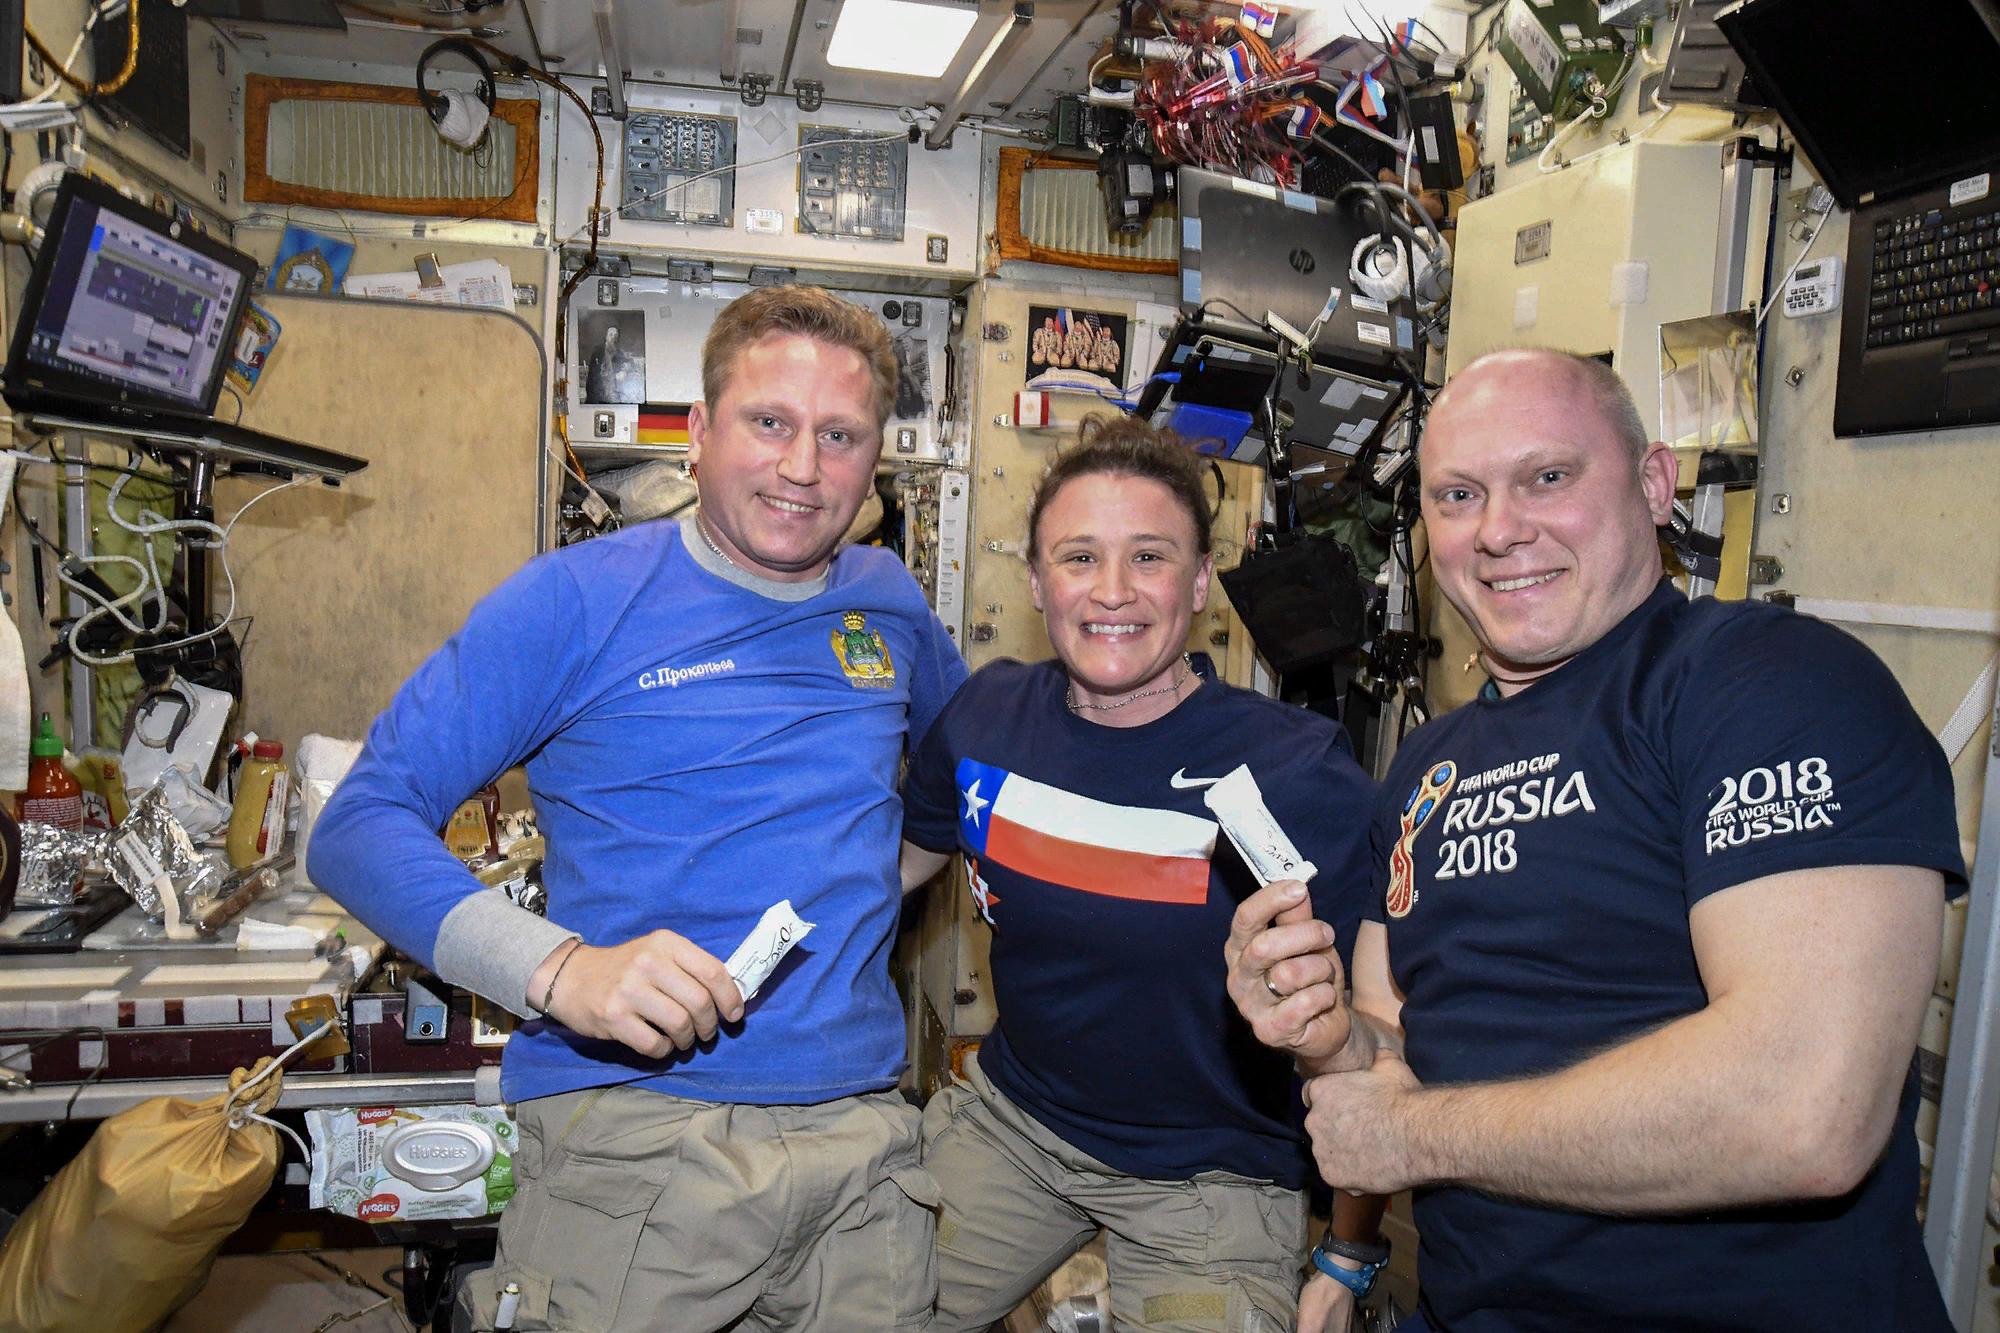 Космонавты Прокопьев и Артемьев и астронавтка Ауньён